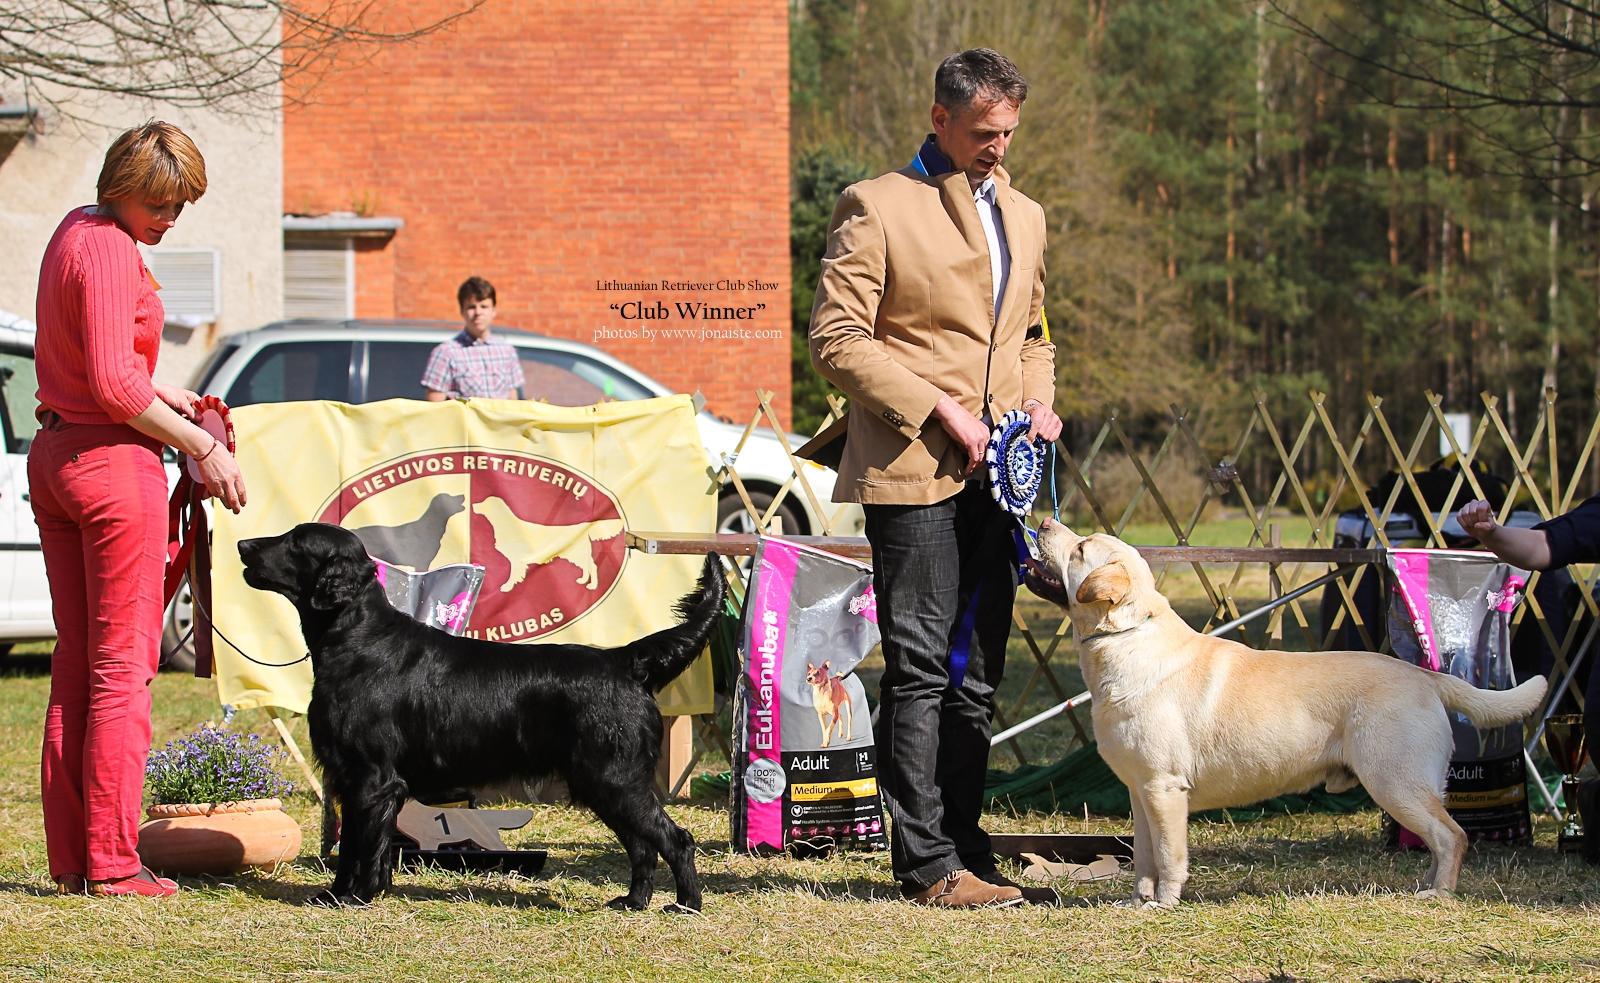 Gražiausi parodos šunys - lygiaplaukis retriveris Get Smart Mega Oskaras, sav. Sigita Pileckytė - Norbutienė ir Labradoro retriveris Rocheby Pop Larkin, sav. Ramūnas Godeliauskas.